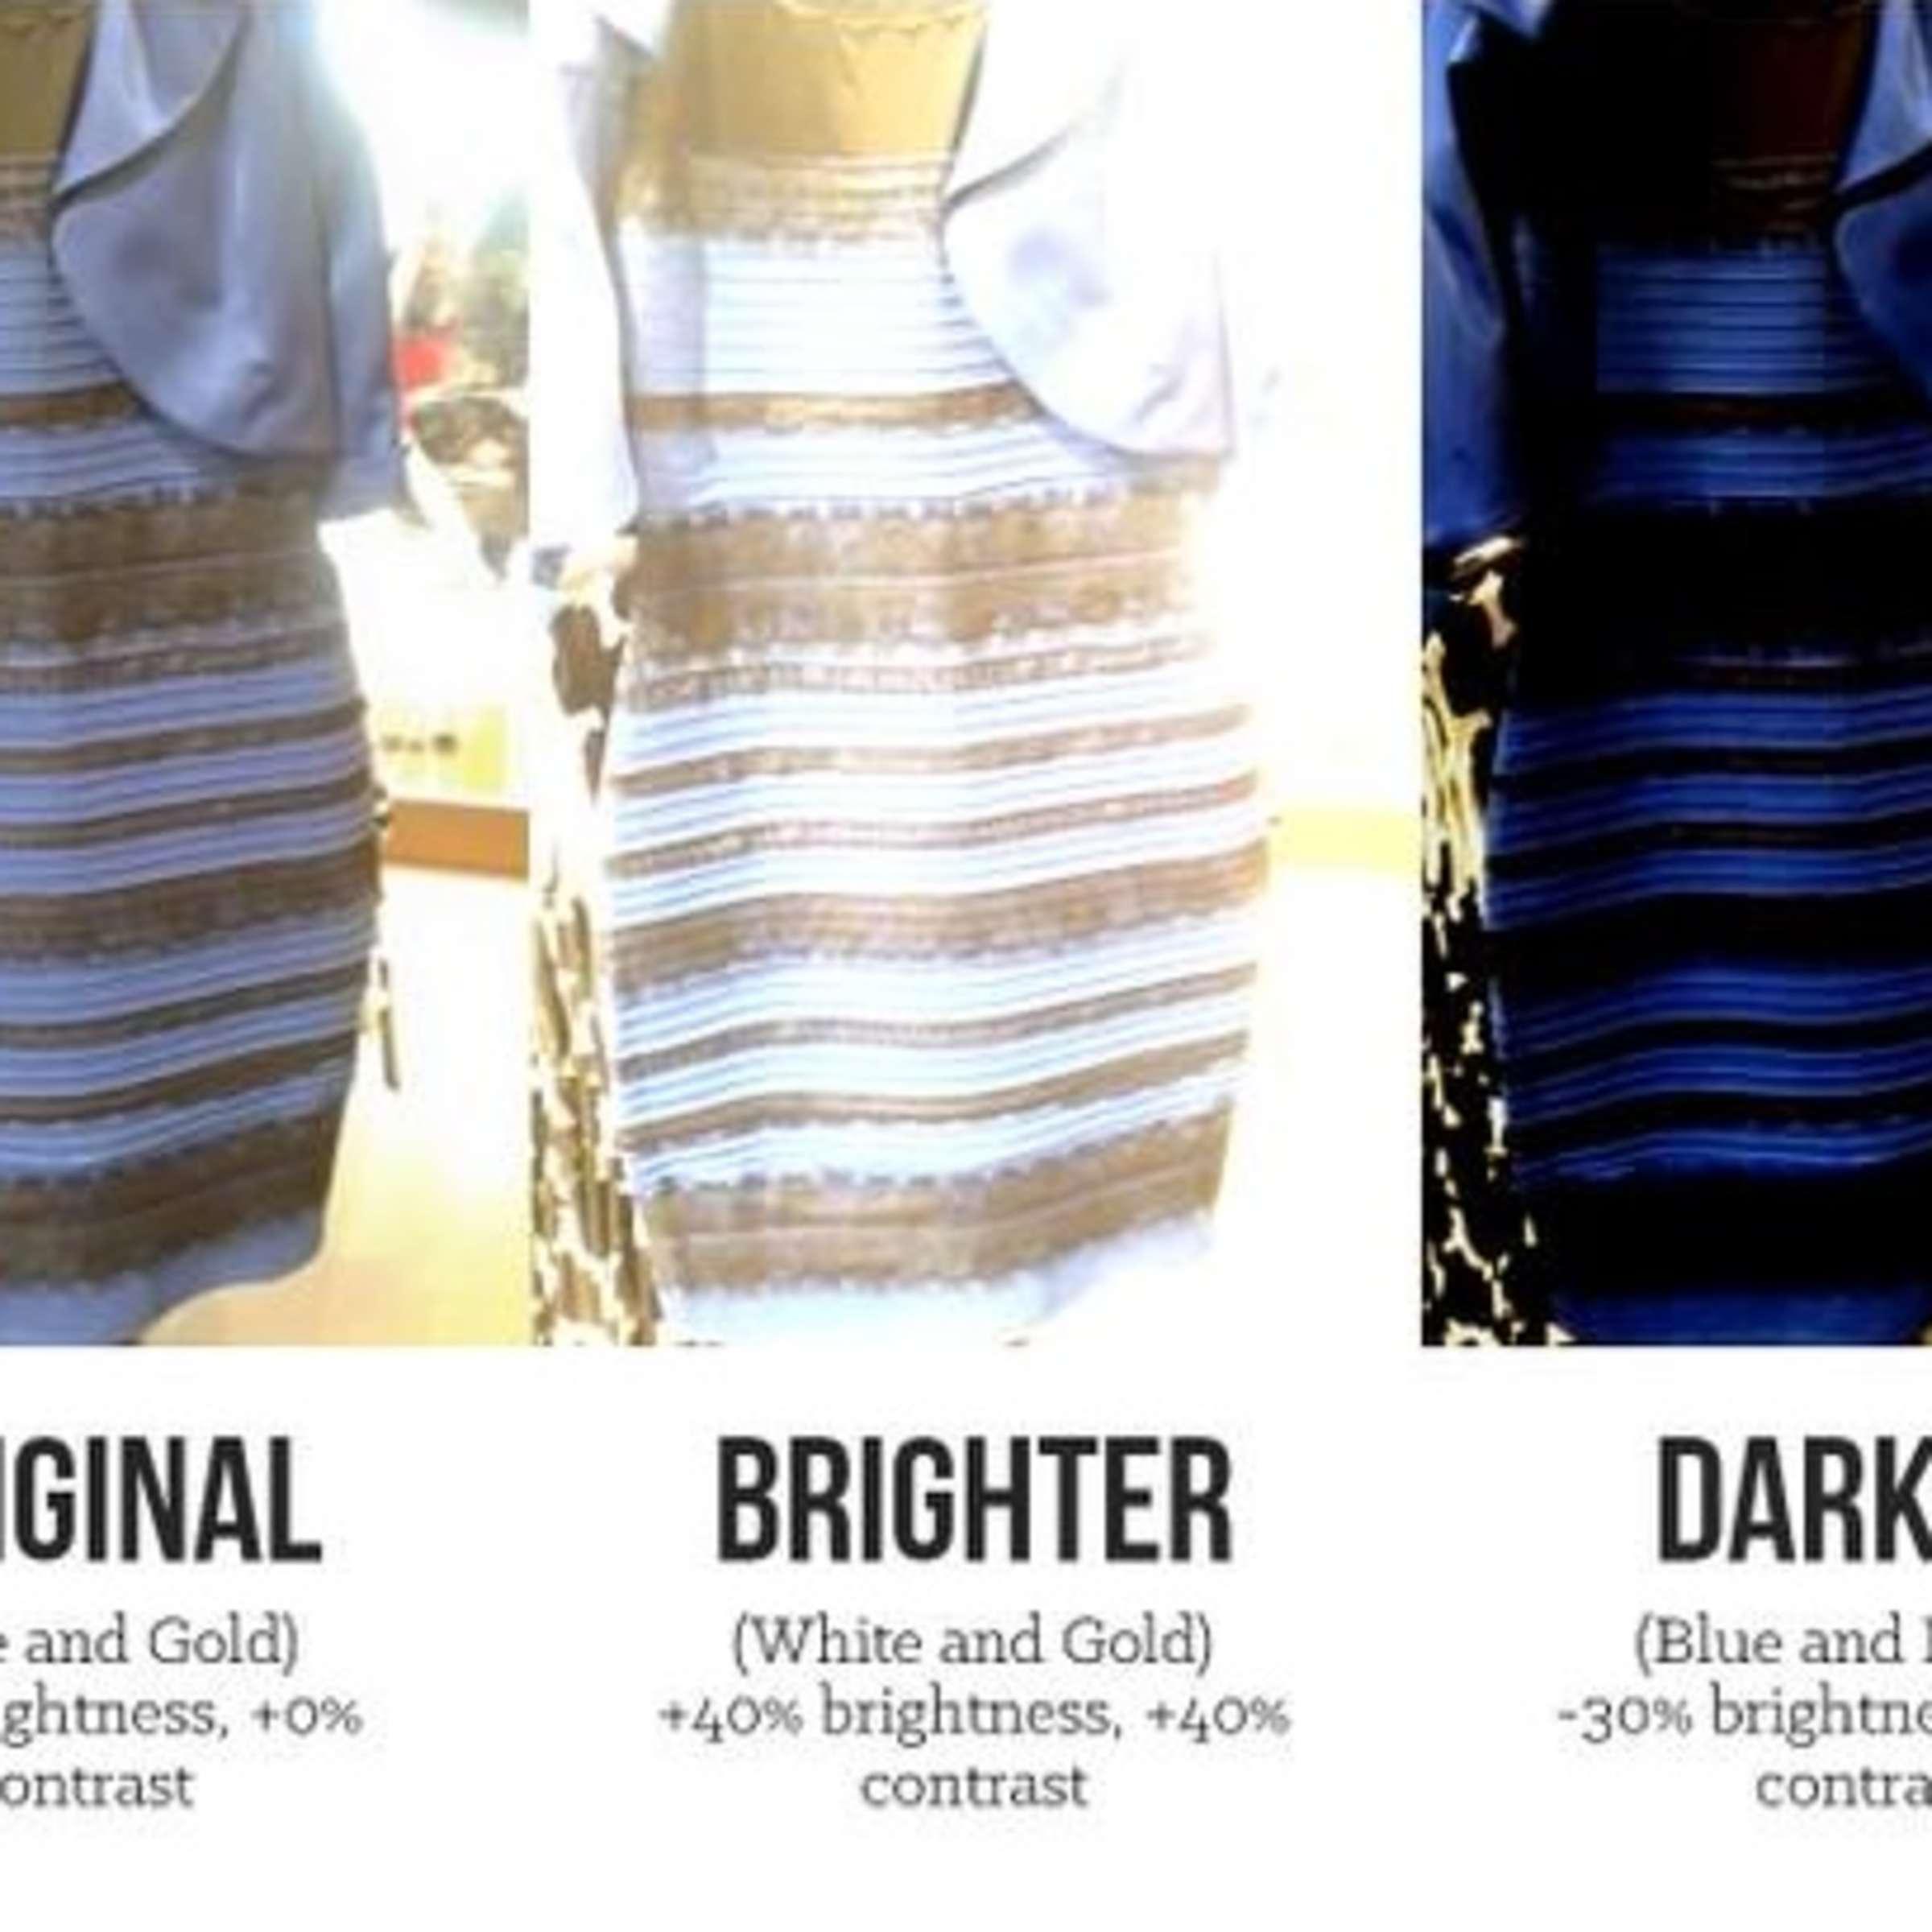 netzwelt: #dressgate - dieses kleid spaltet die welt | netzwelt